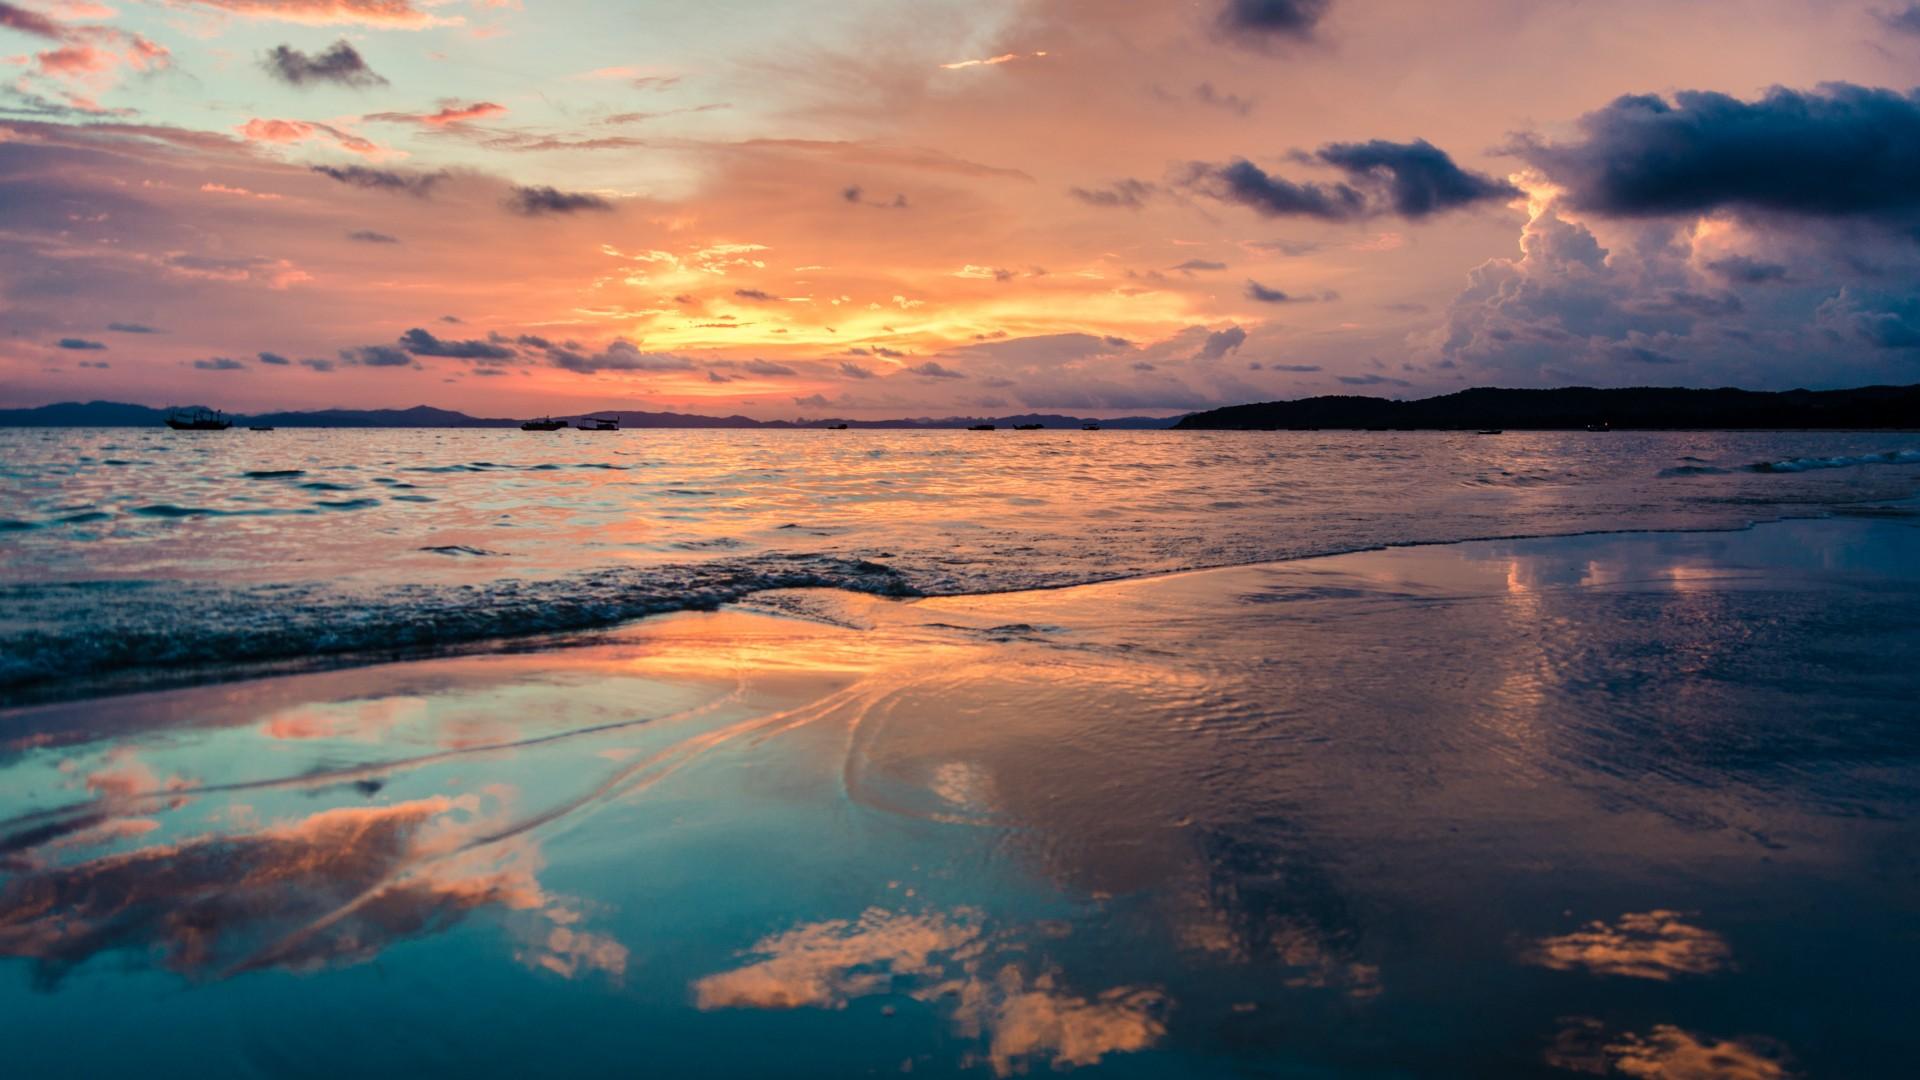 Wallpaper sunset, ocean, beach, sky, clouds, 4k, Nature #16131